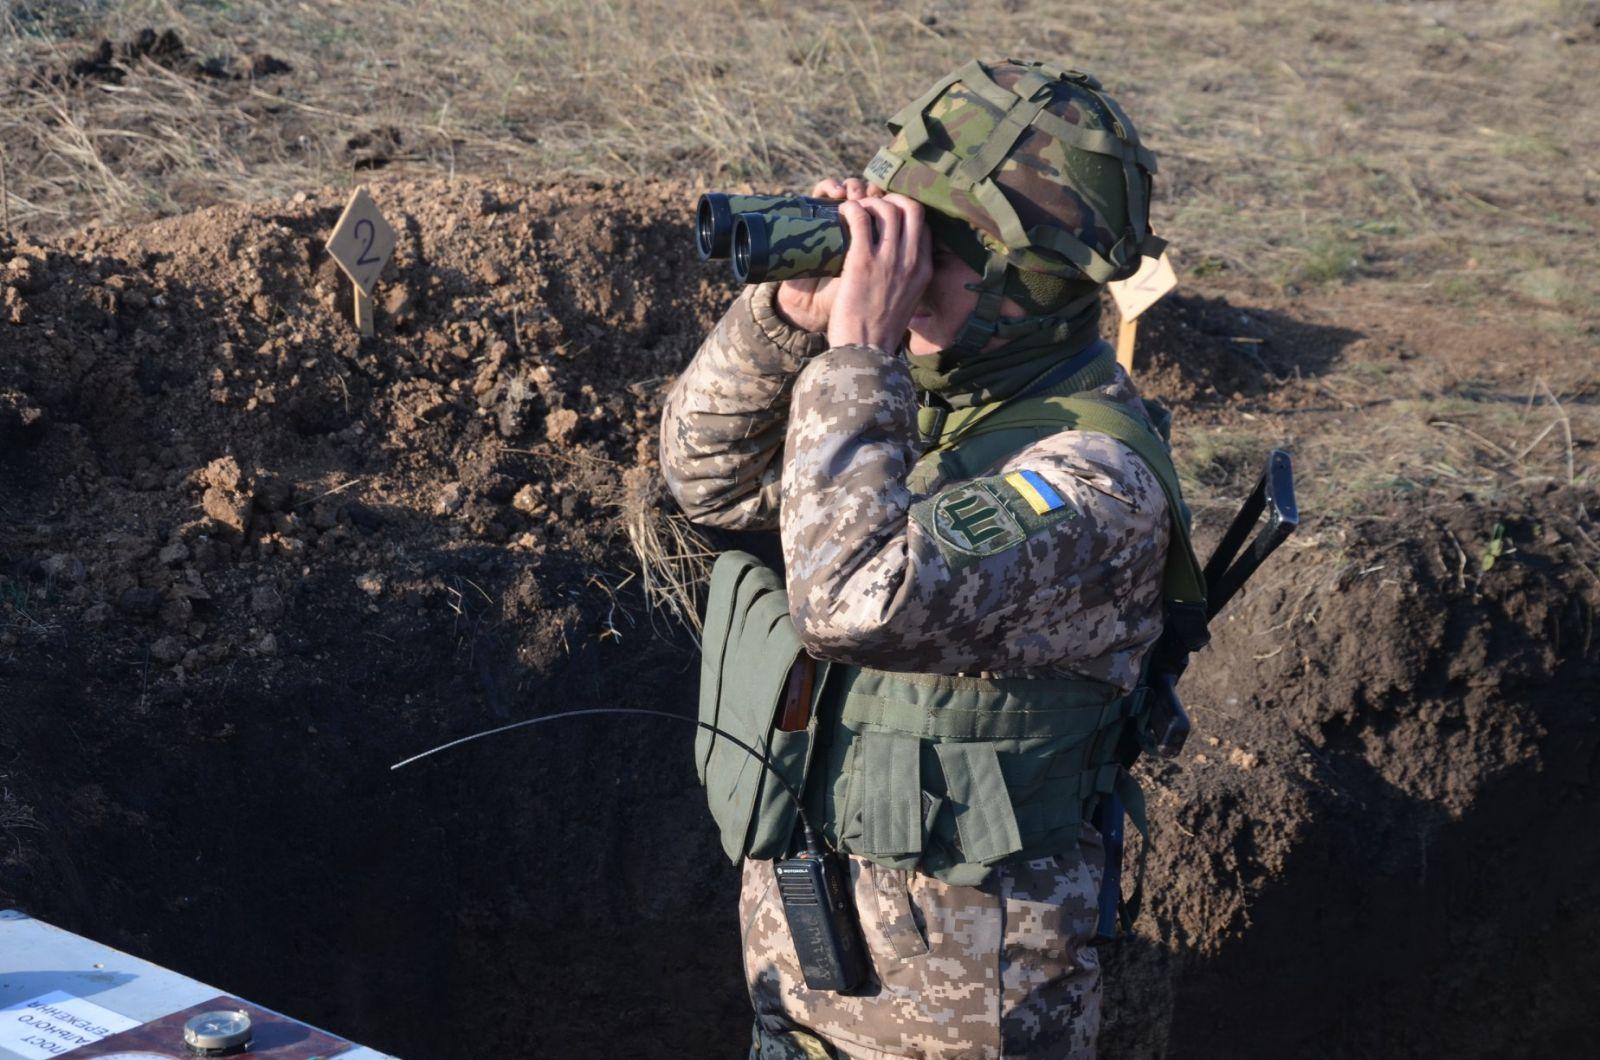 Инспекция позиций возле поселка Шумы сегодня не состоится, – СМИ